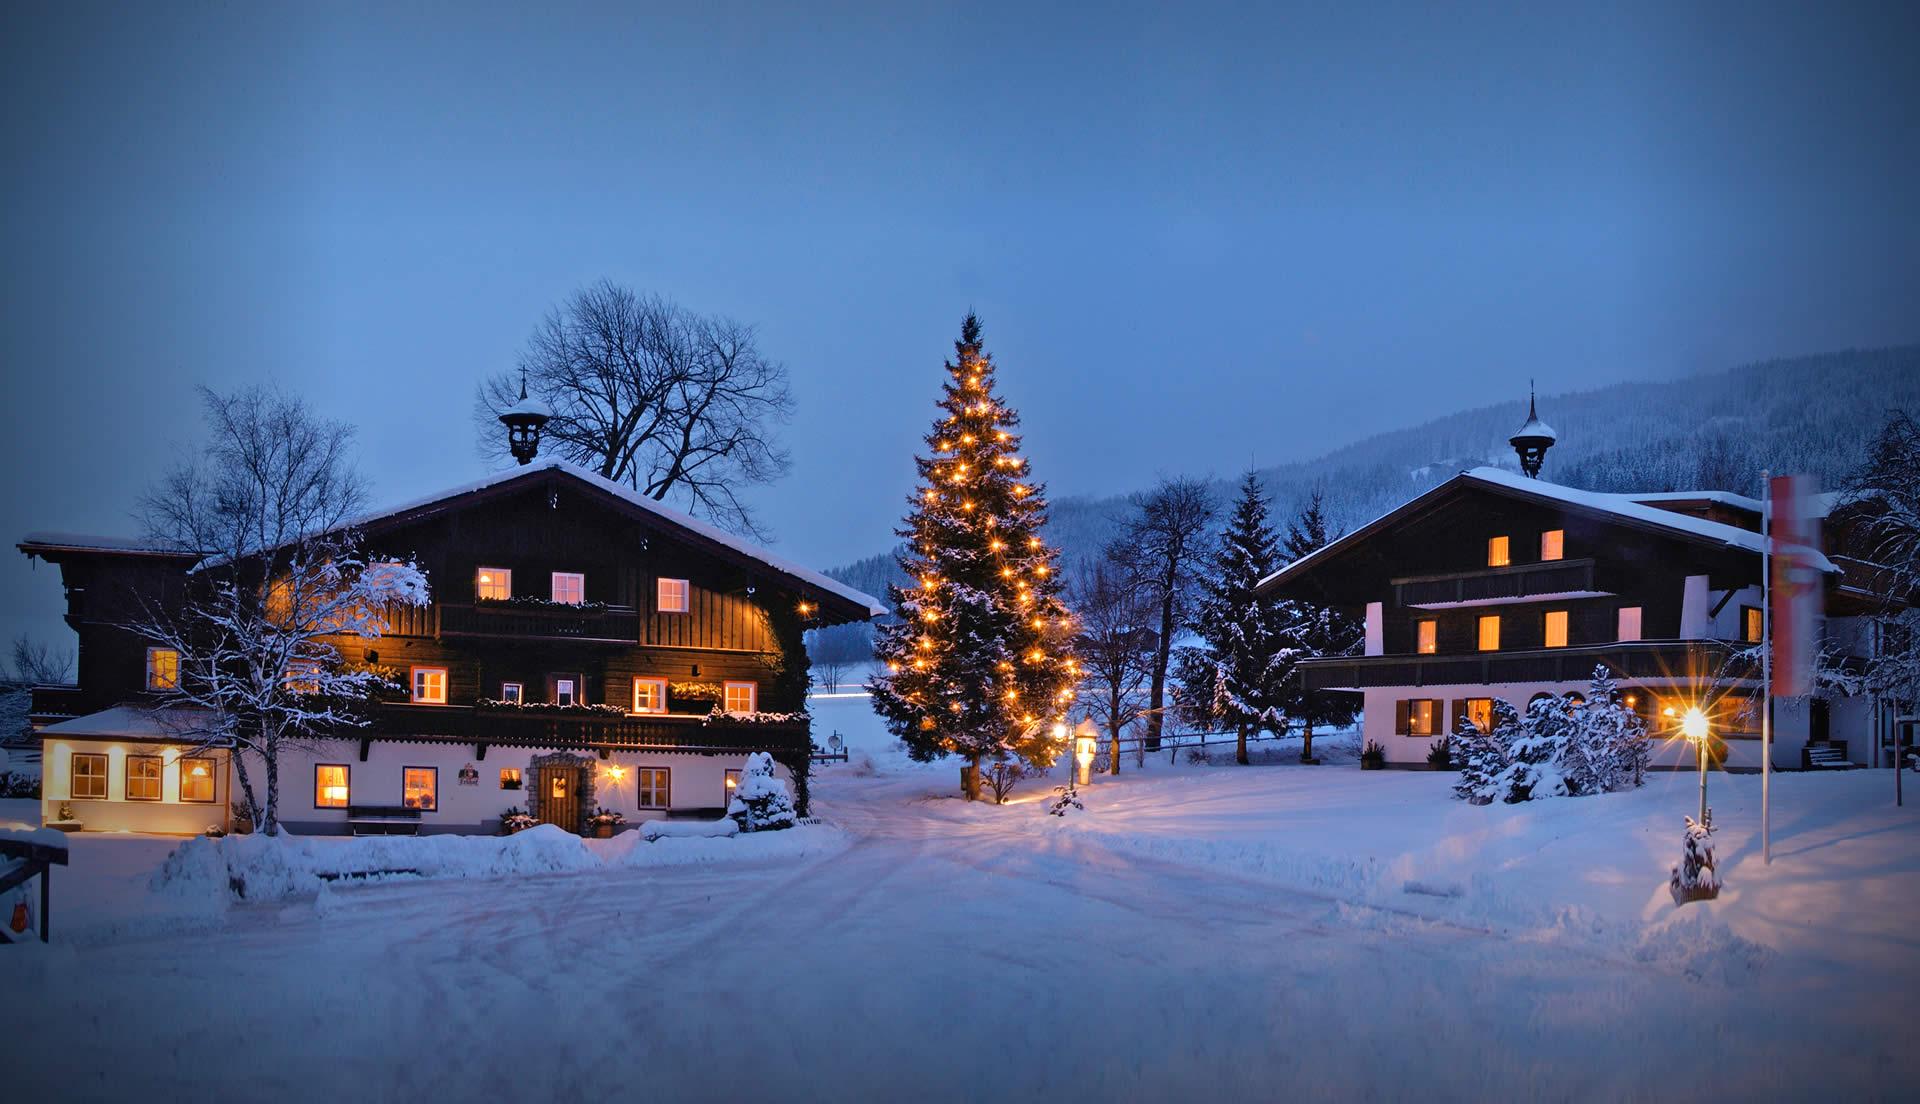 Urlaub am Bauernhof in Radstadt - Winter im Obersulzberggut